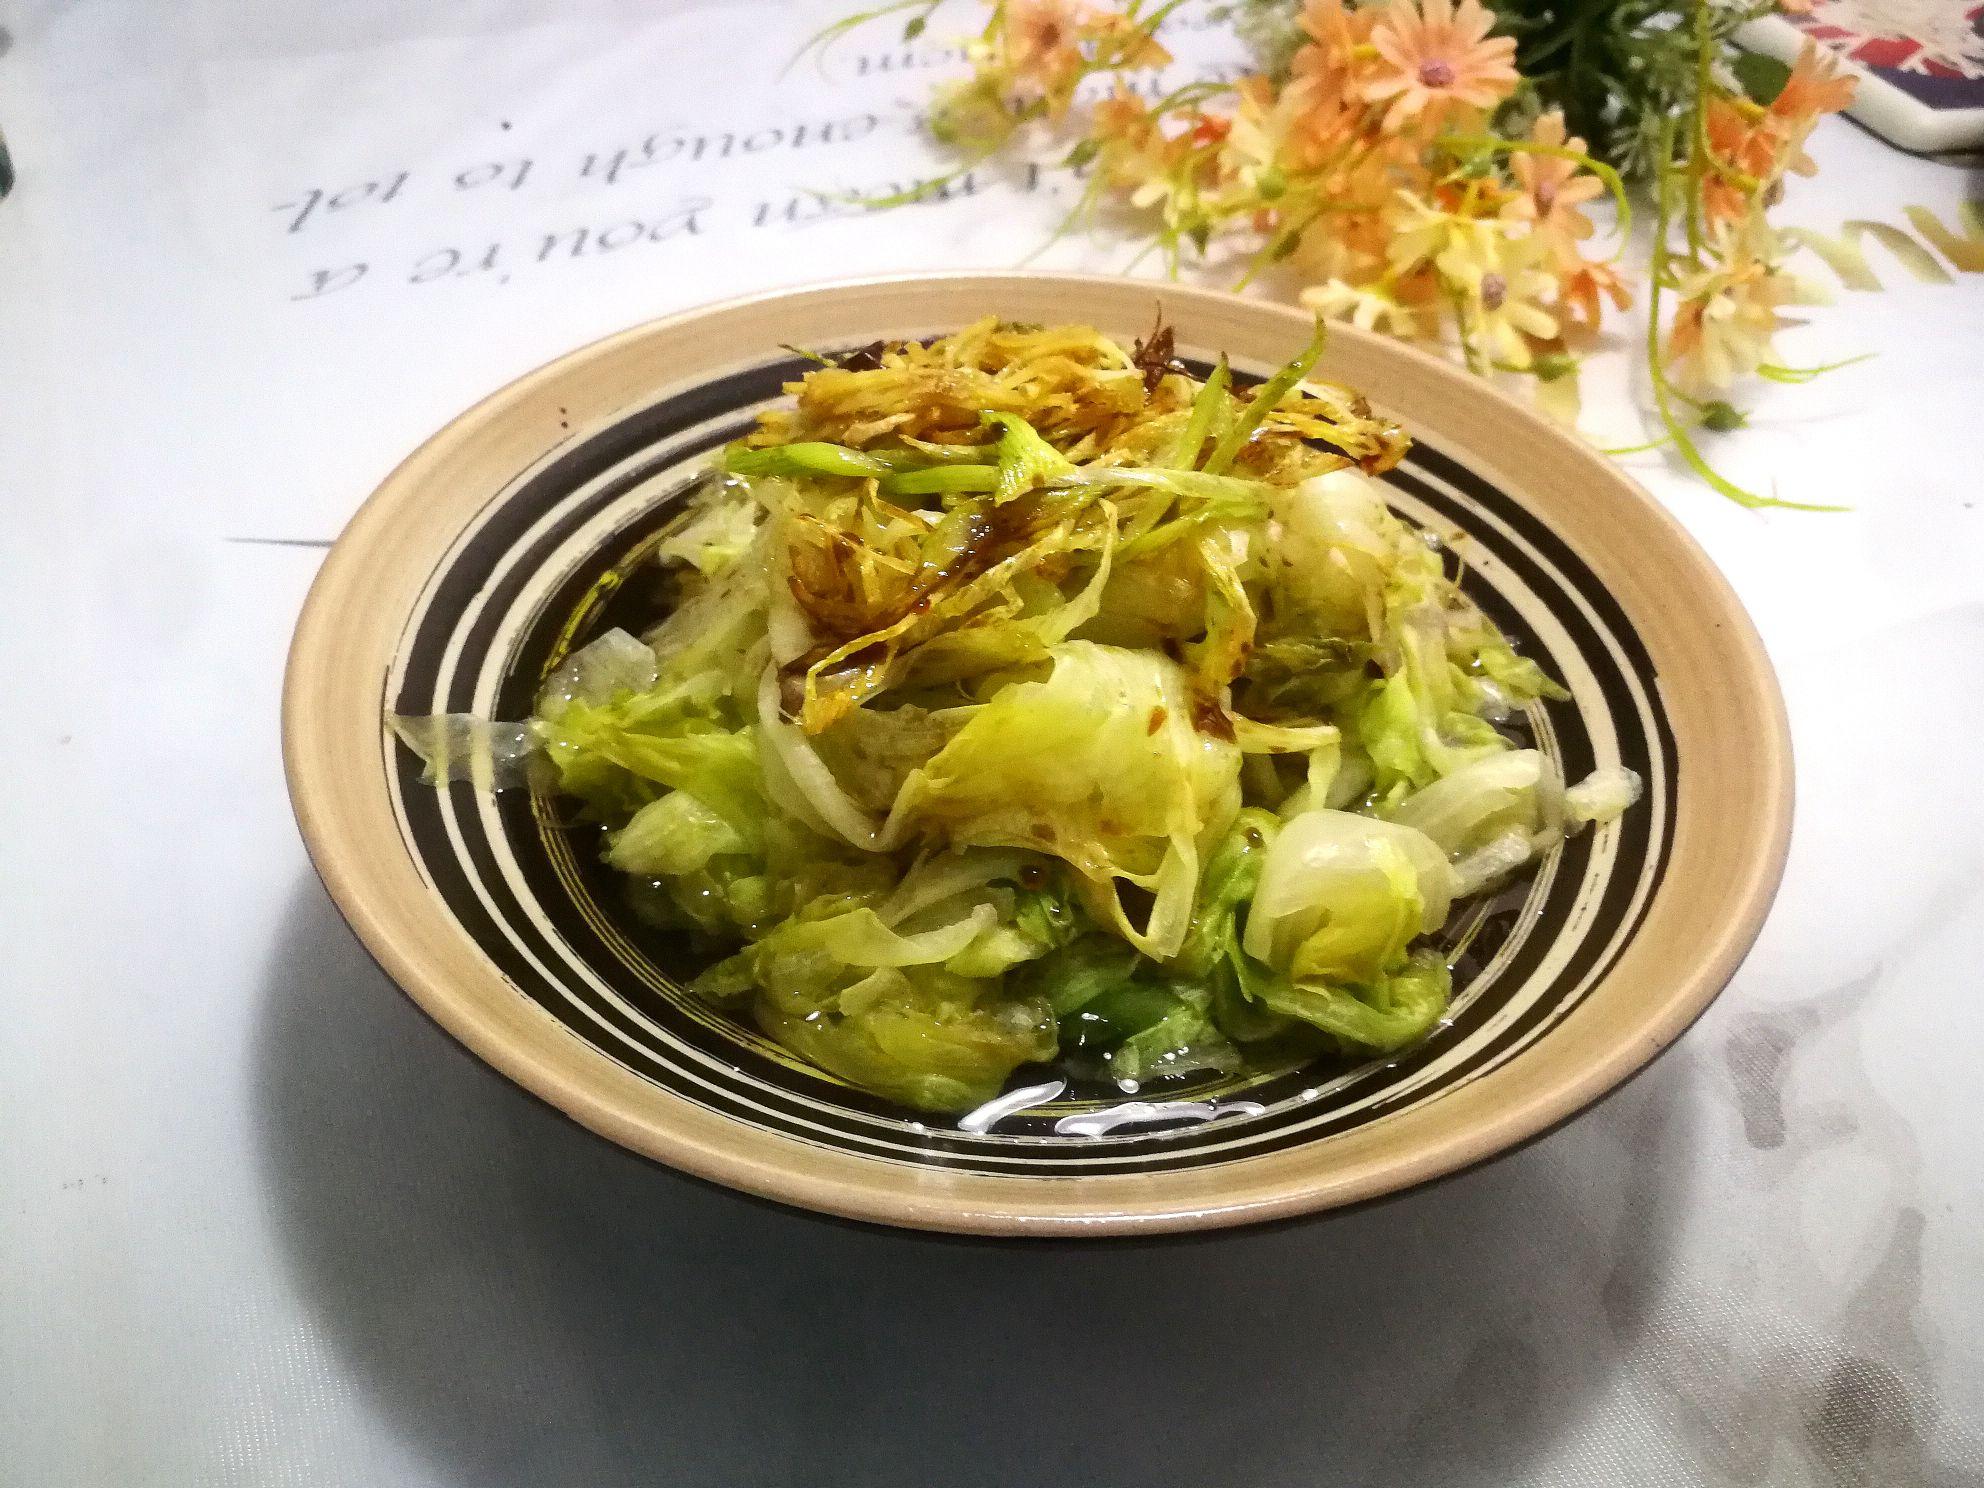 白灼生菜成品圖